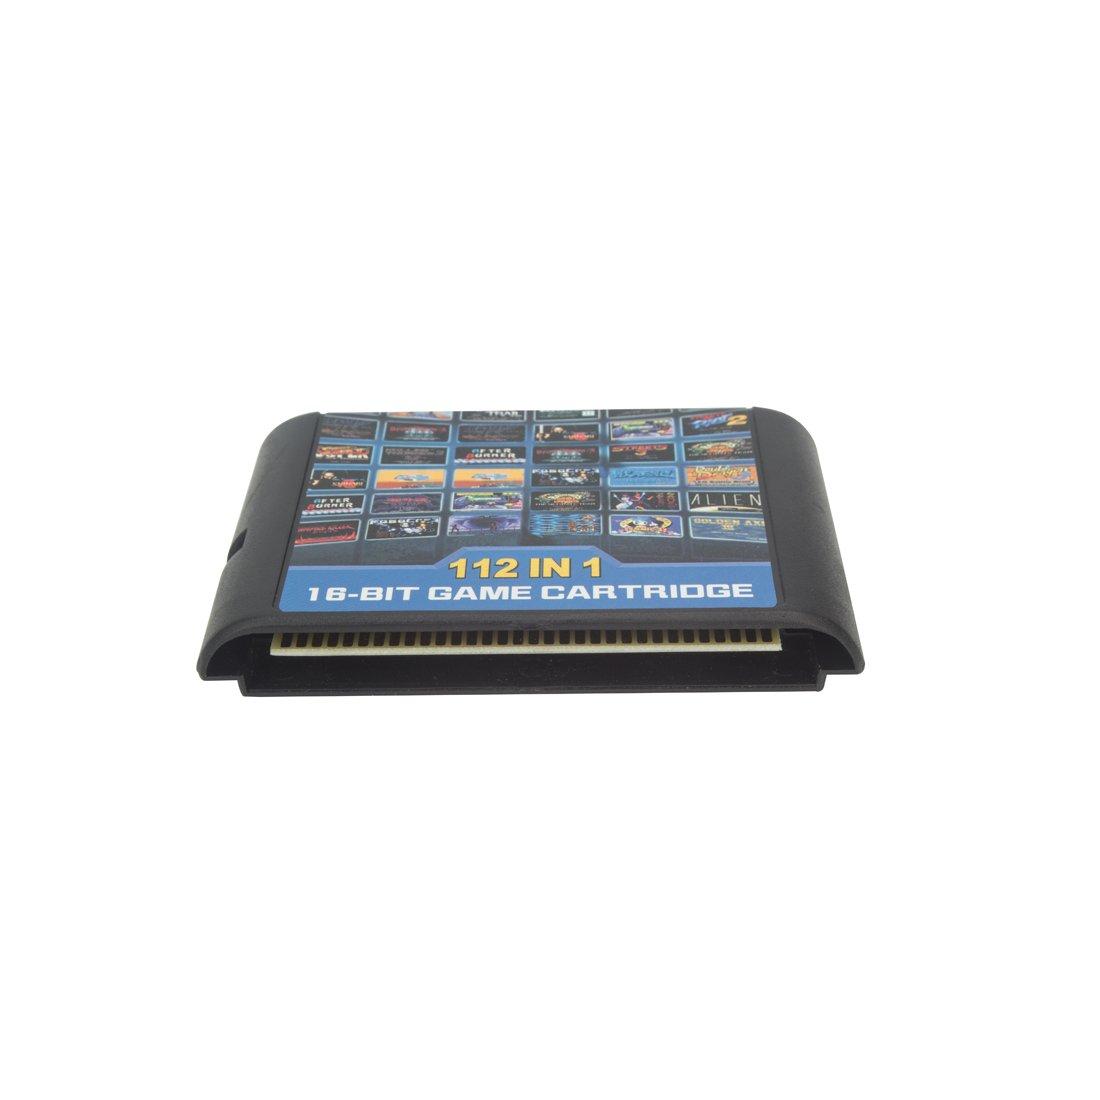 Focusexy 112 in 1 Game Cartridge 16 Bit MD Game Card for Sega Mega Drive for Sega Genesis